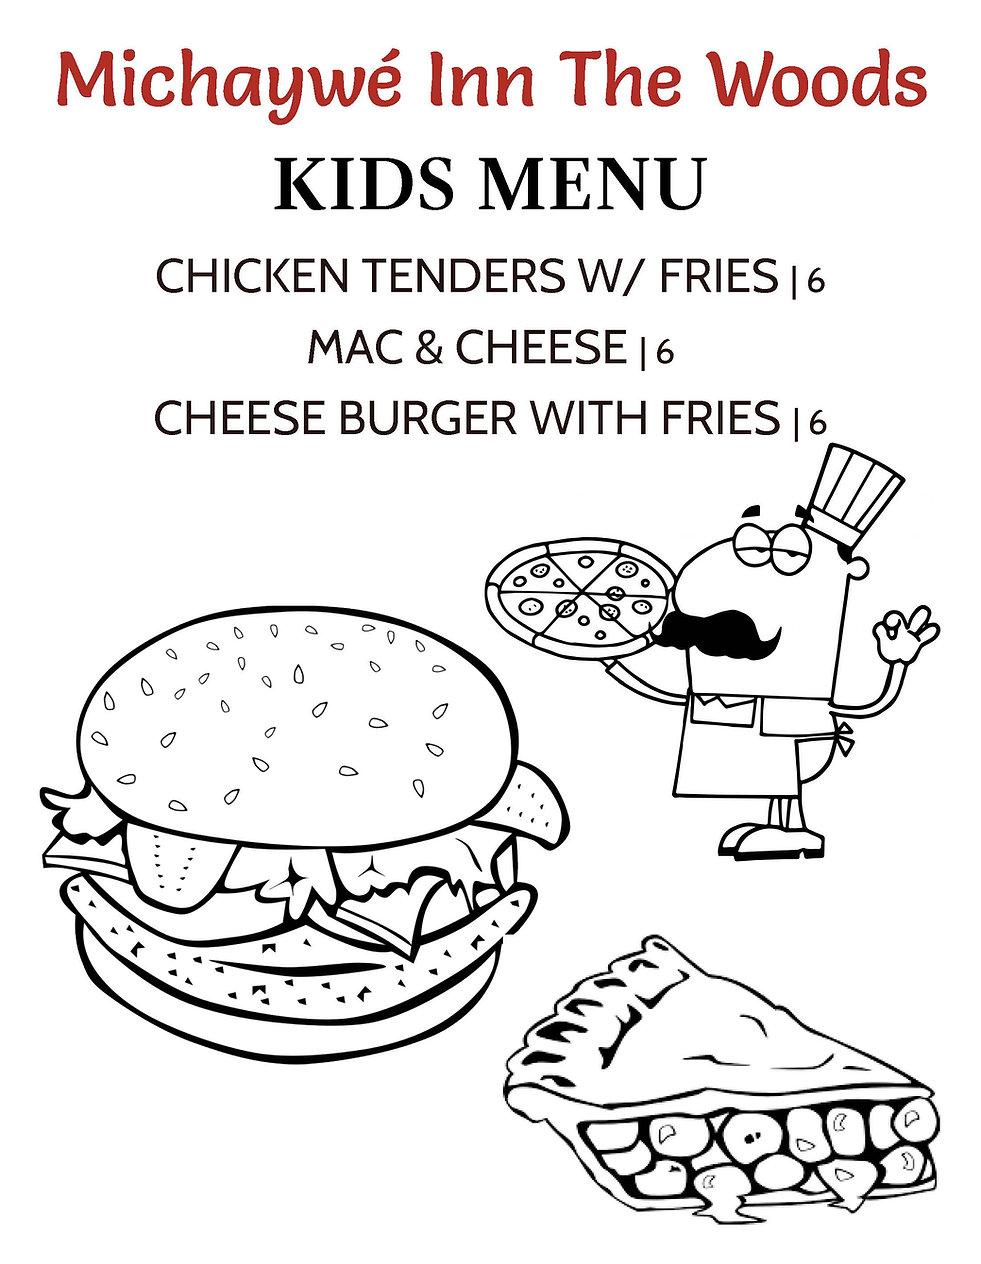 Kid's Menu 2021.jpg